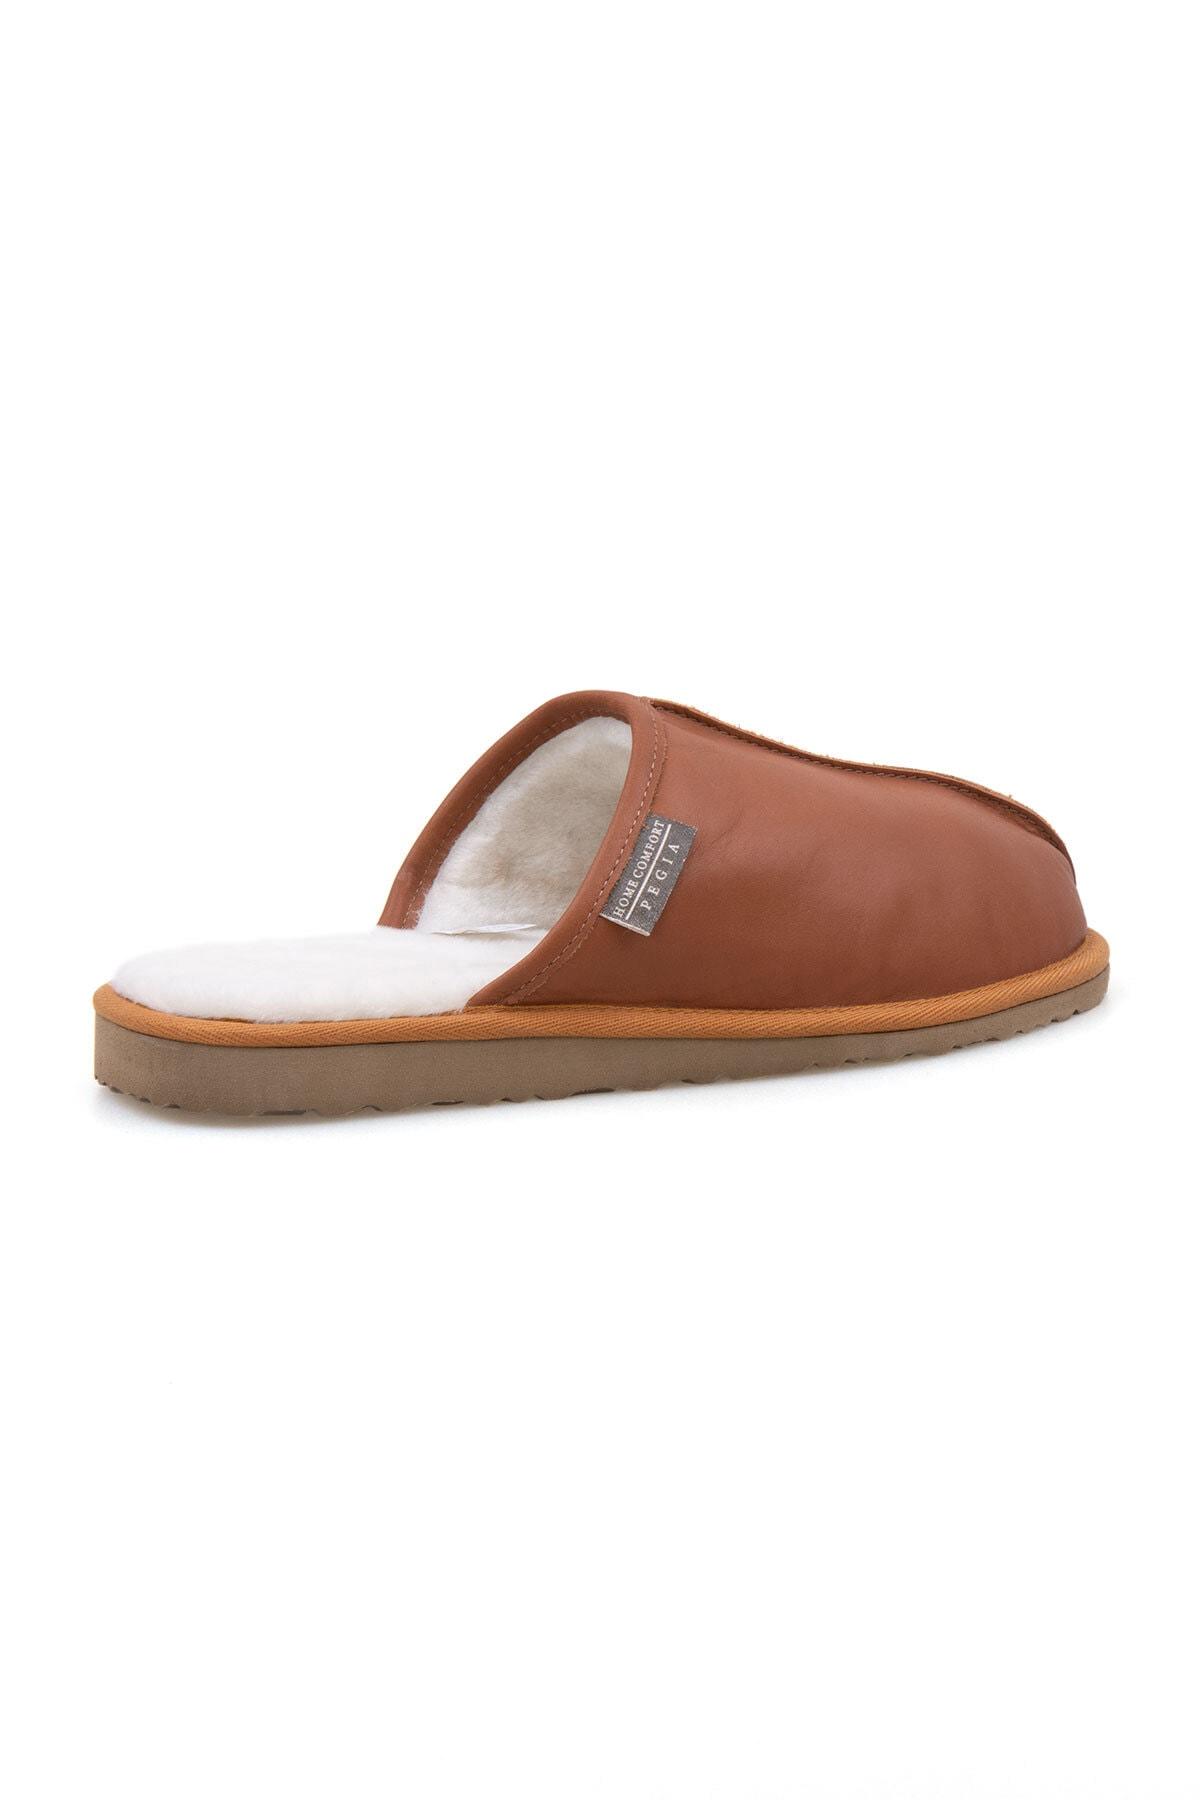 Pegia Erkek Taba Deri Kürklü Ev Ayakkabısı 111012 2